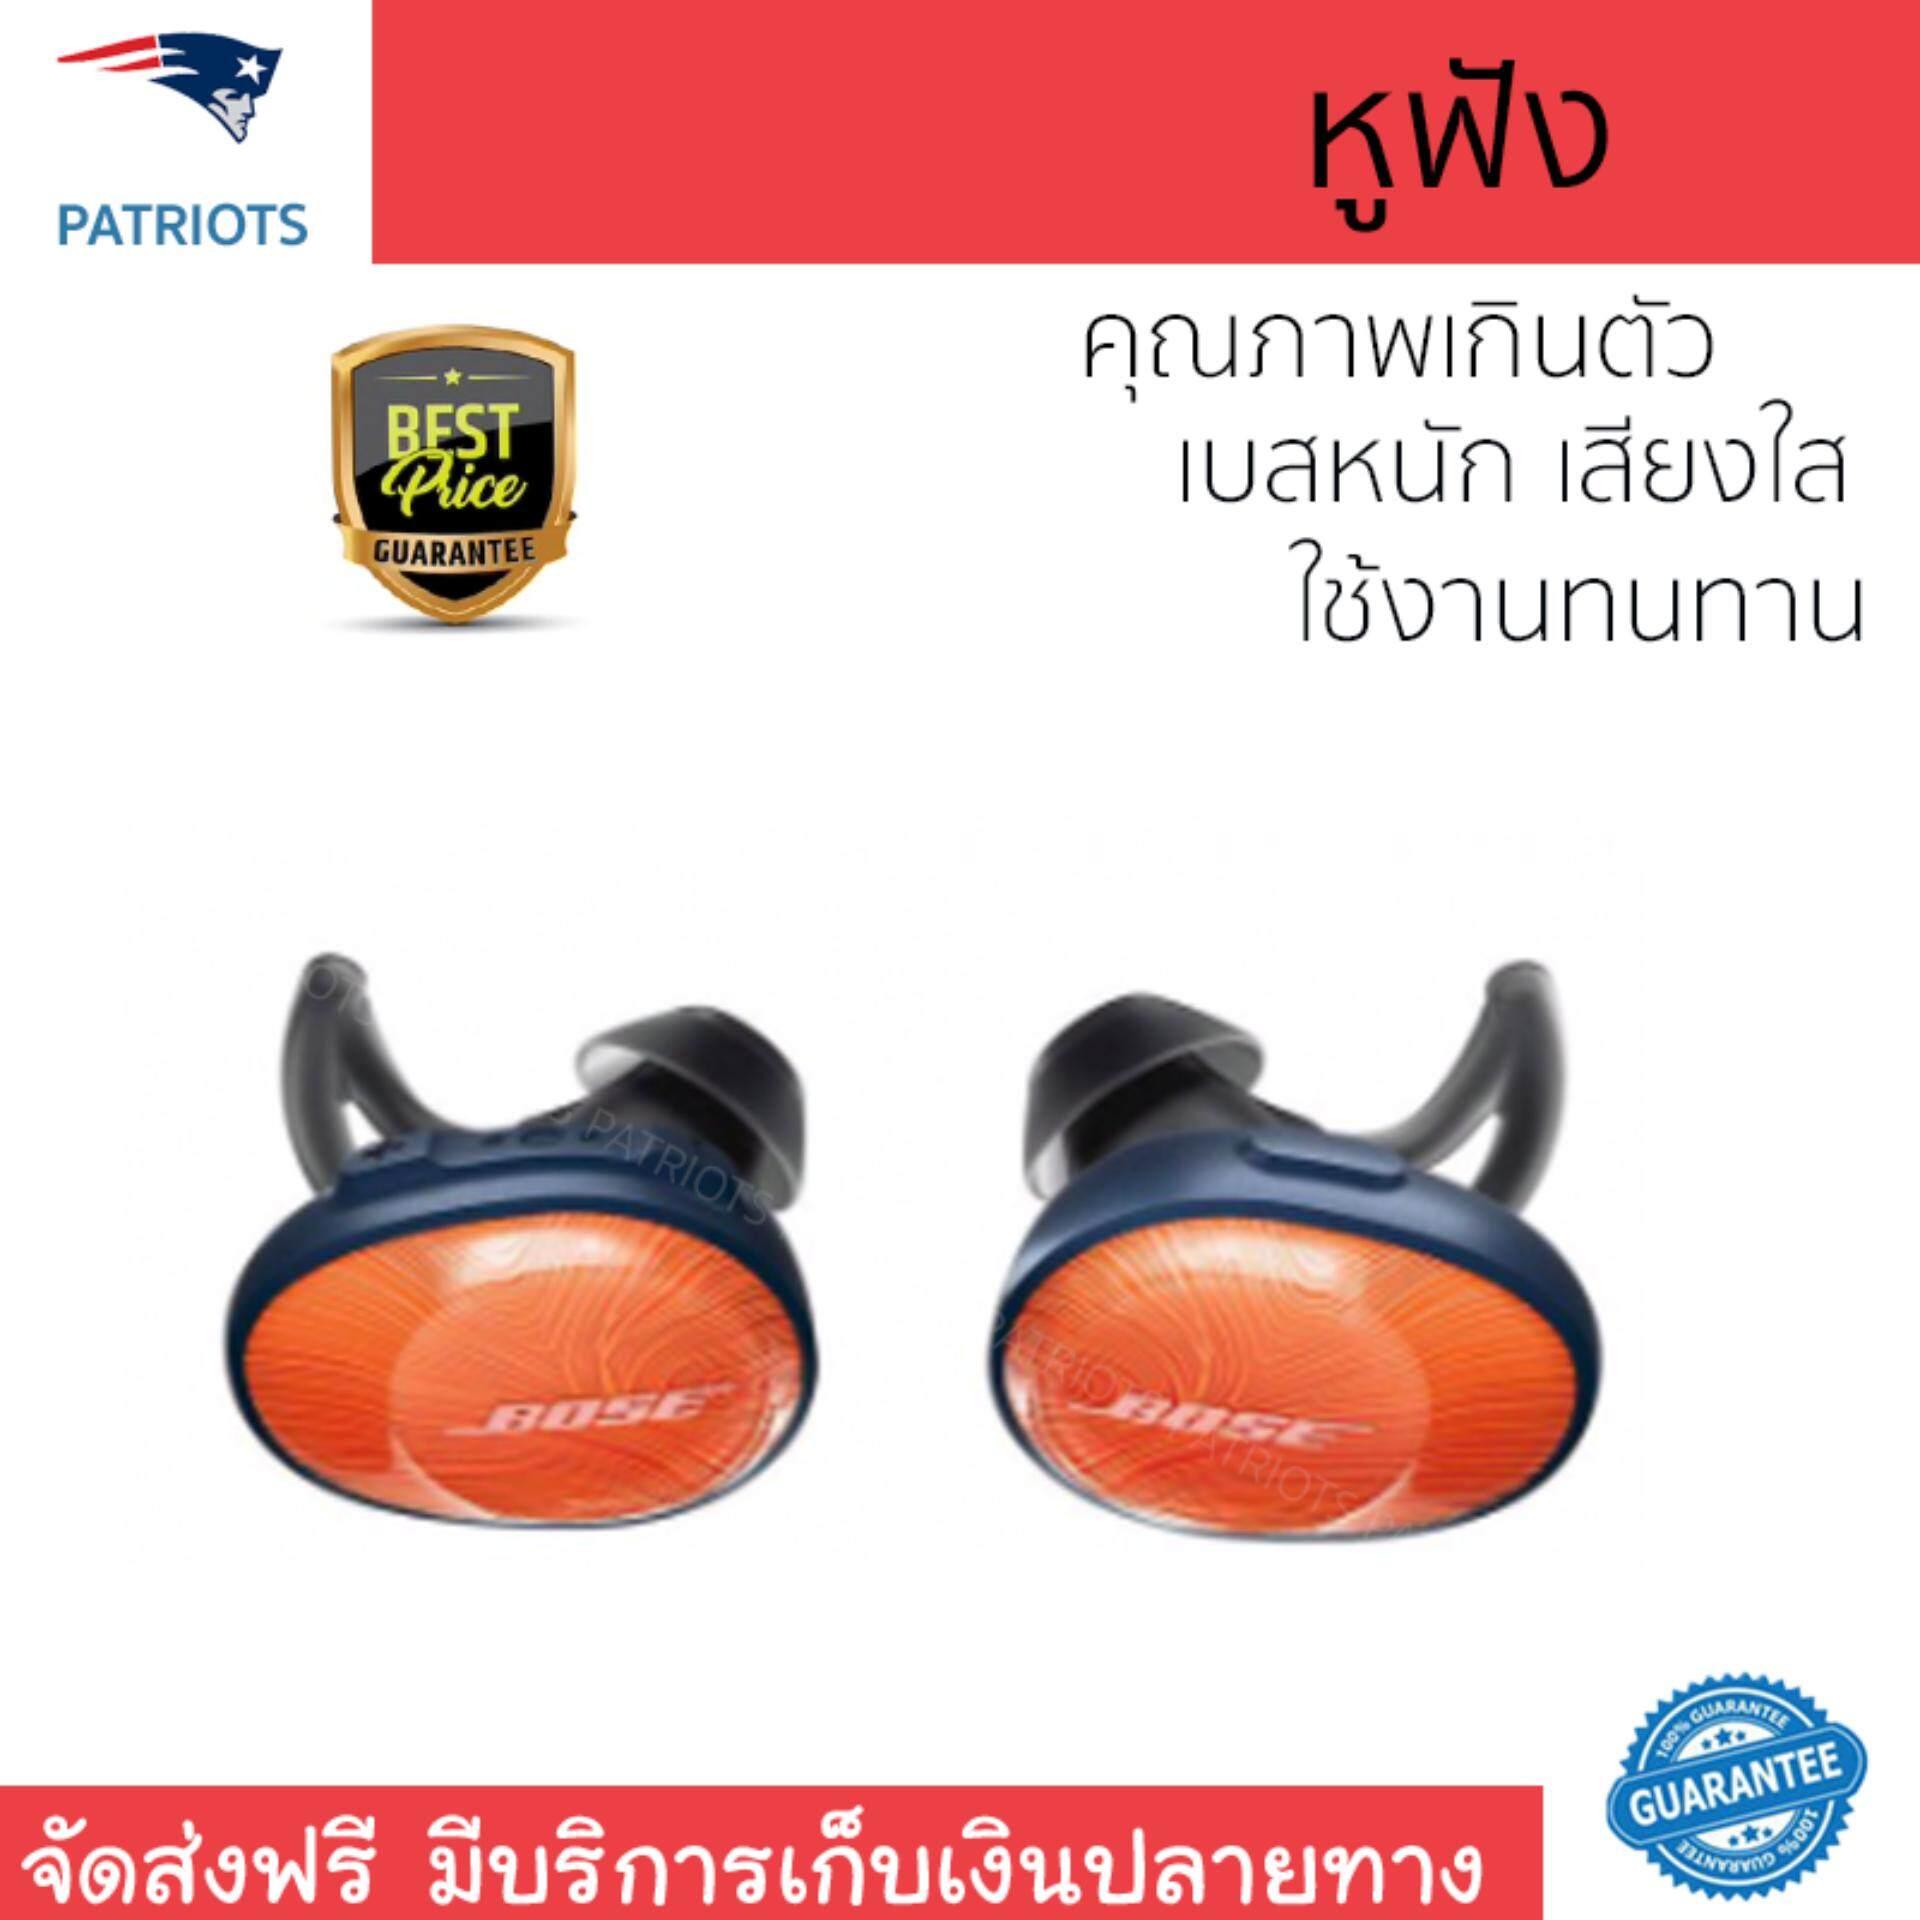 การใช้งาน  บุรีรัมย์ ของแท้ หูฟัง Bose SoundSport Free Wireless Headphones Orange เบสหนัก เสียงใส คุณภาพเกินตัว Headphone รับประกัน 1 ปี จัดส่งฟรีทั่วประเทศ